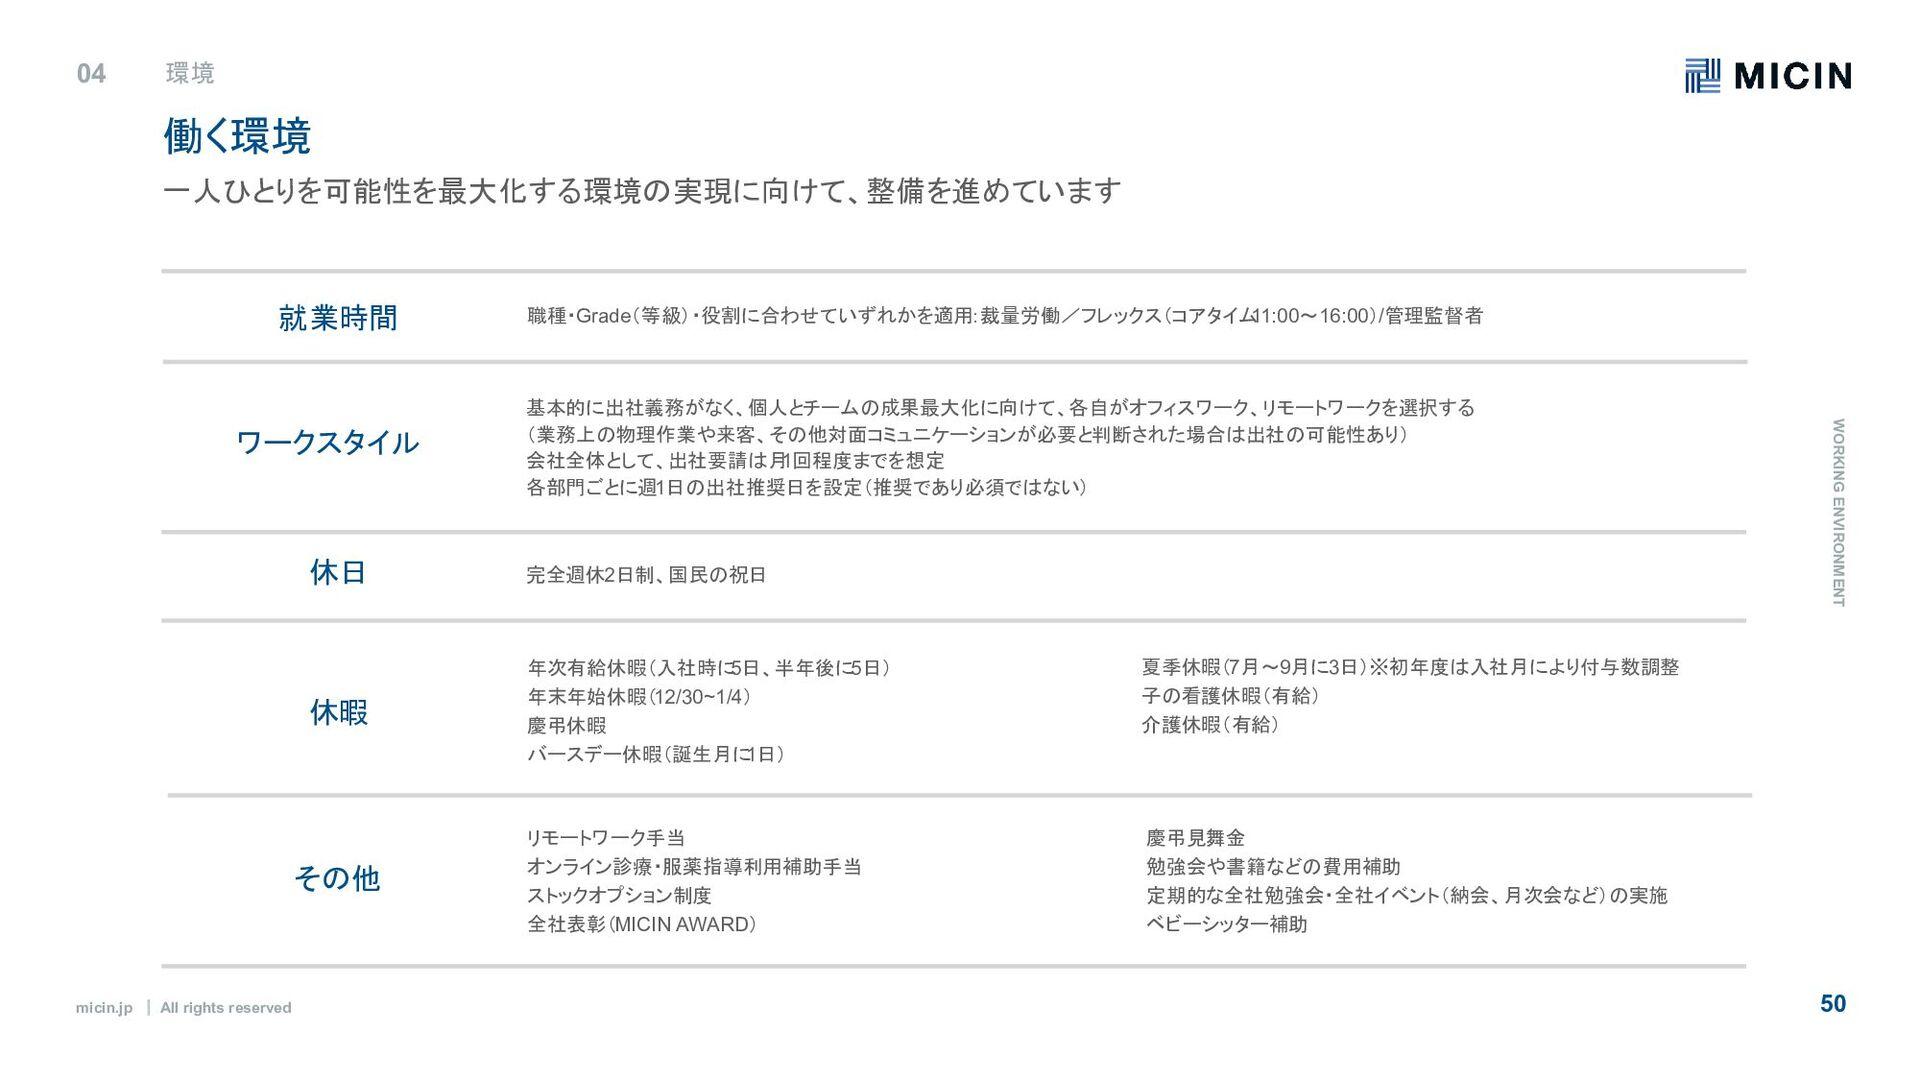 micin.jp ʛ All rights reserved 50 micin.jp ʛ Al...